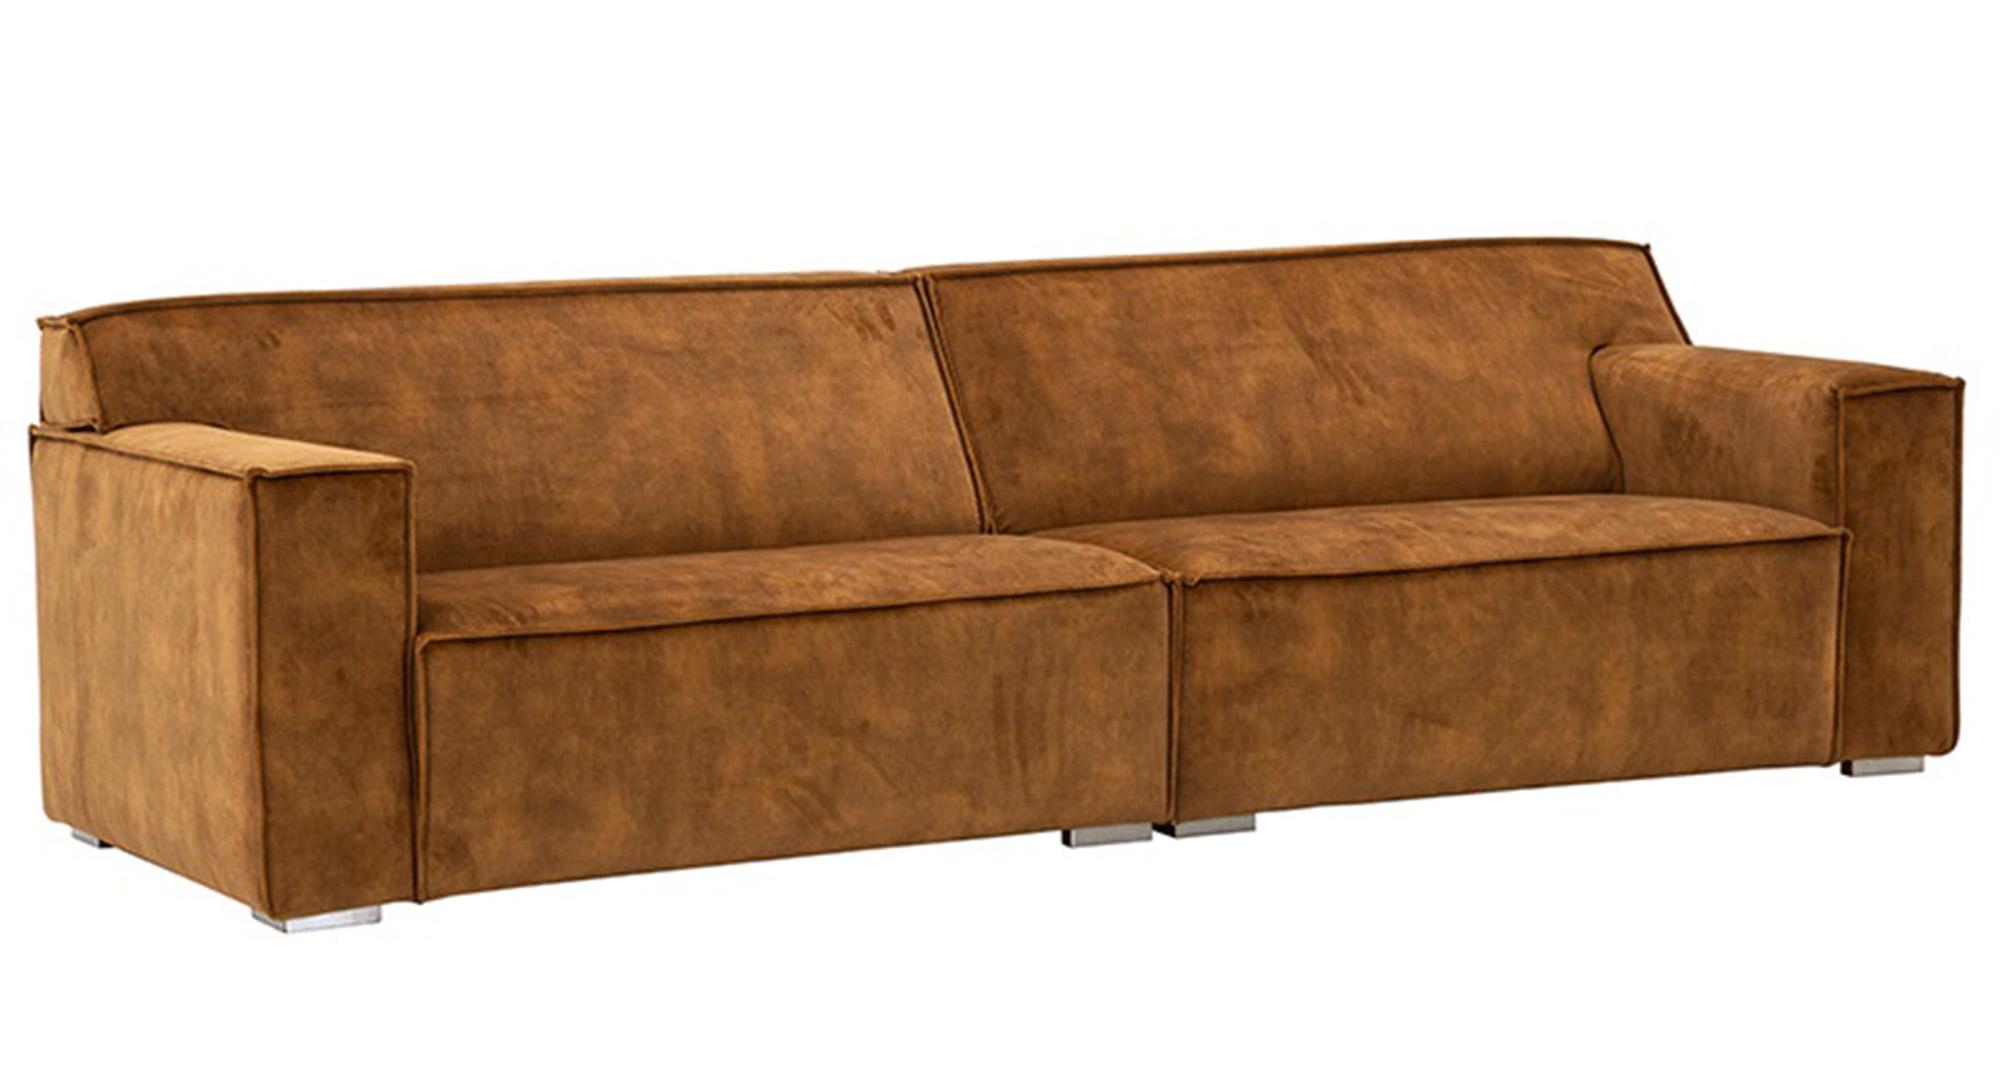 Comfy soffa